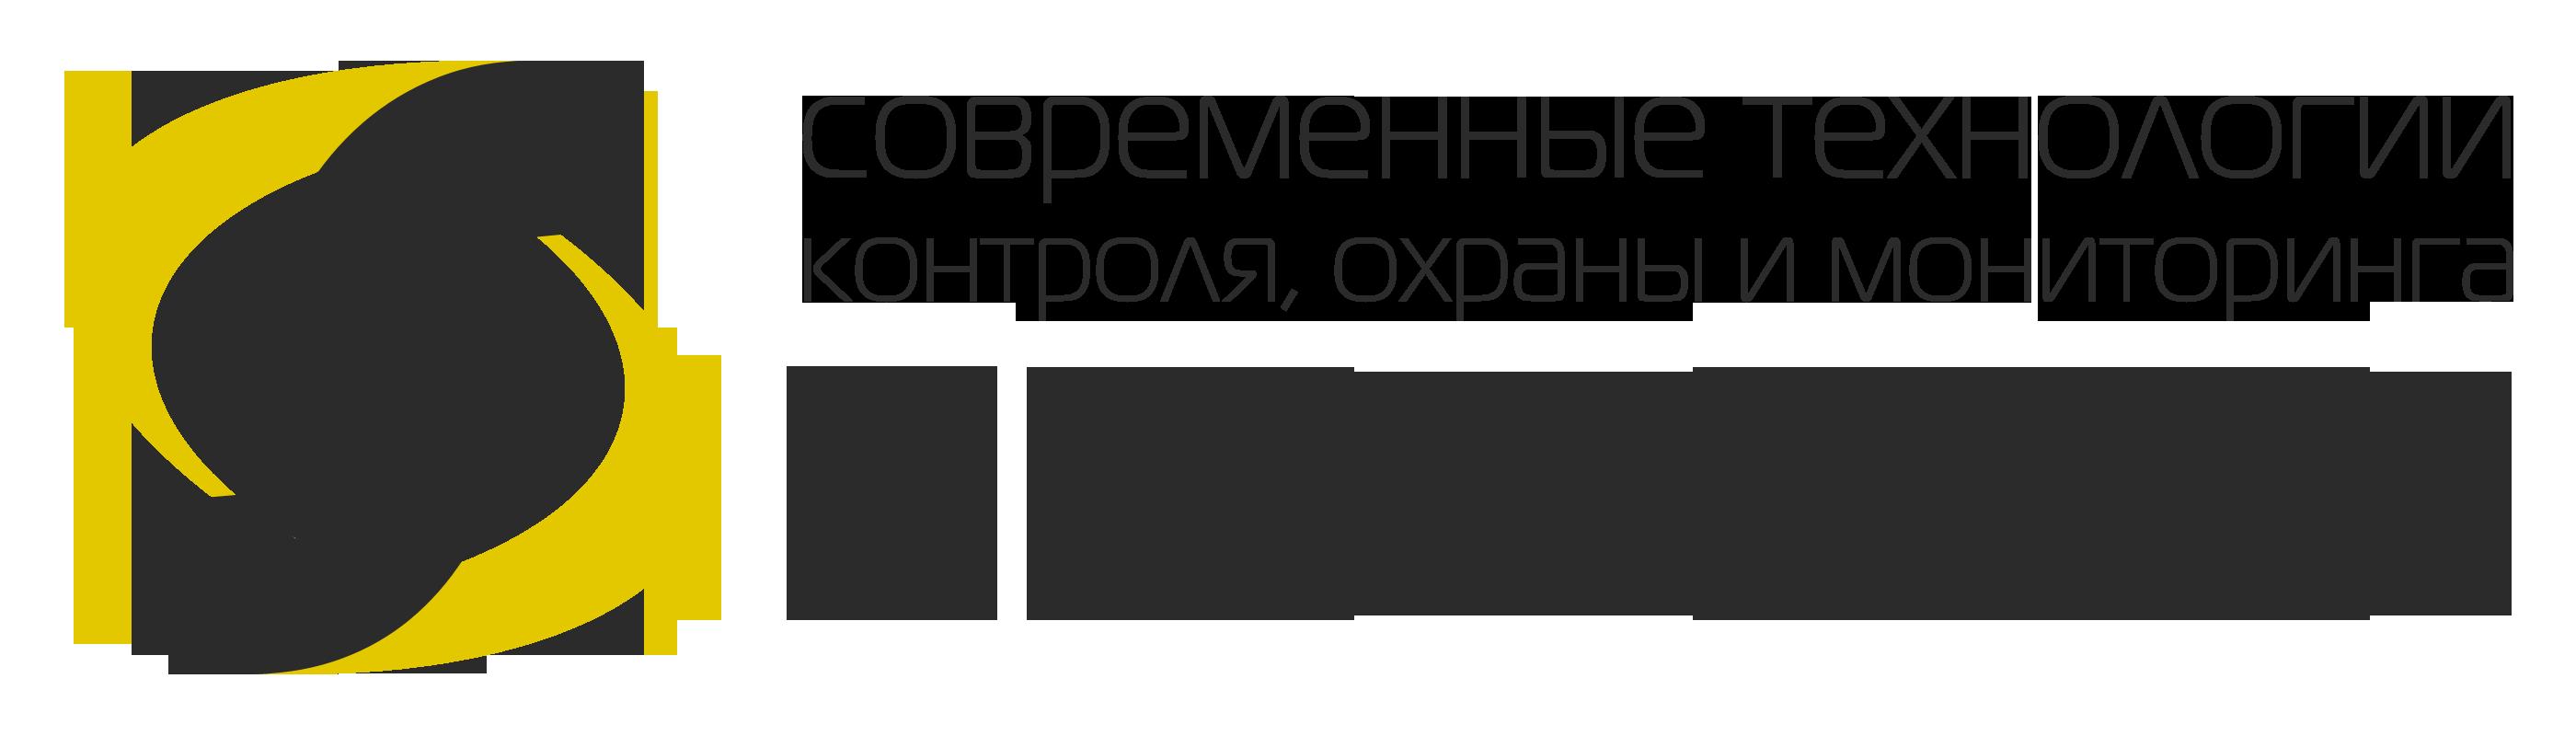 Интернет-магазин систем спутникового мониторинга и IoT вещей - SOVTCOM.COM